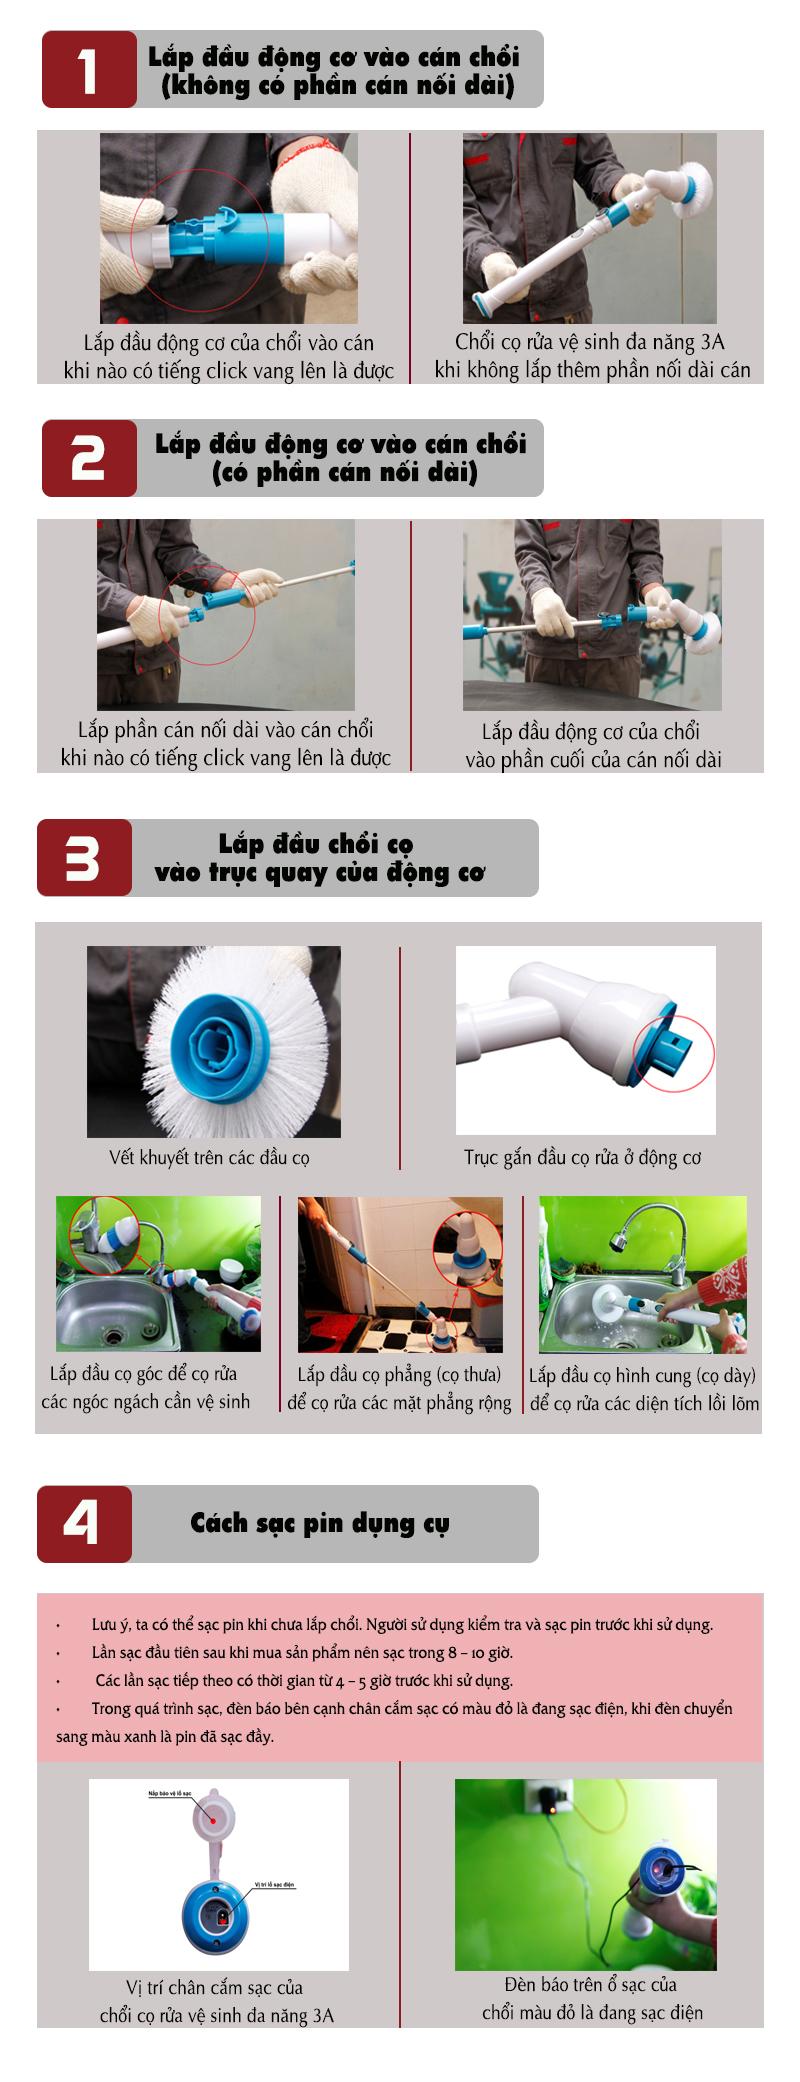 Hướng dẫn chi tiết cách sử dụng chổi cọ rửa vệ sinh đa năng 3A